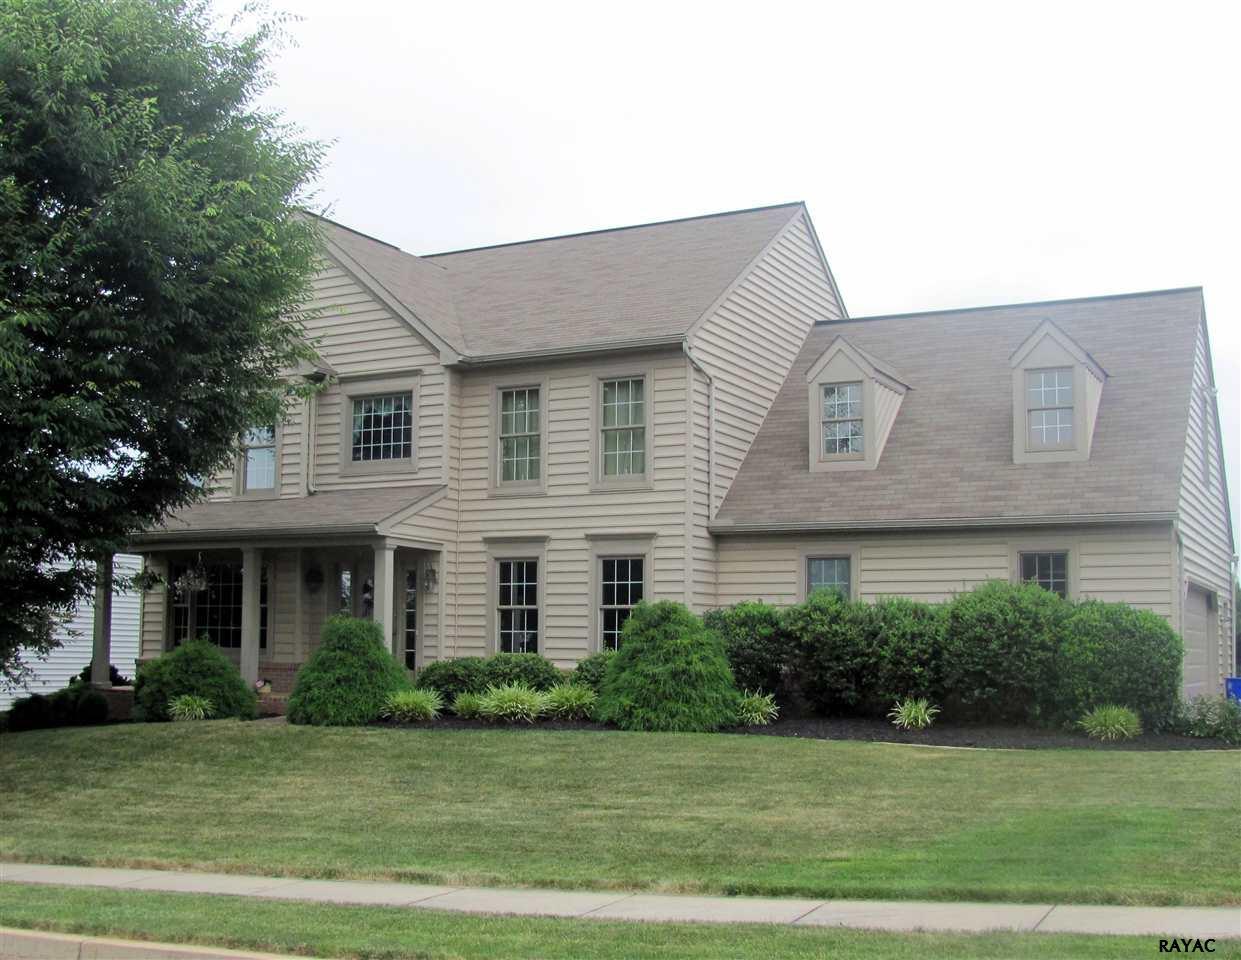 443 Penn Blvd, York, PA 17402